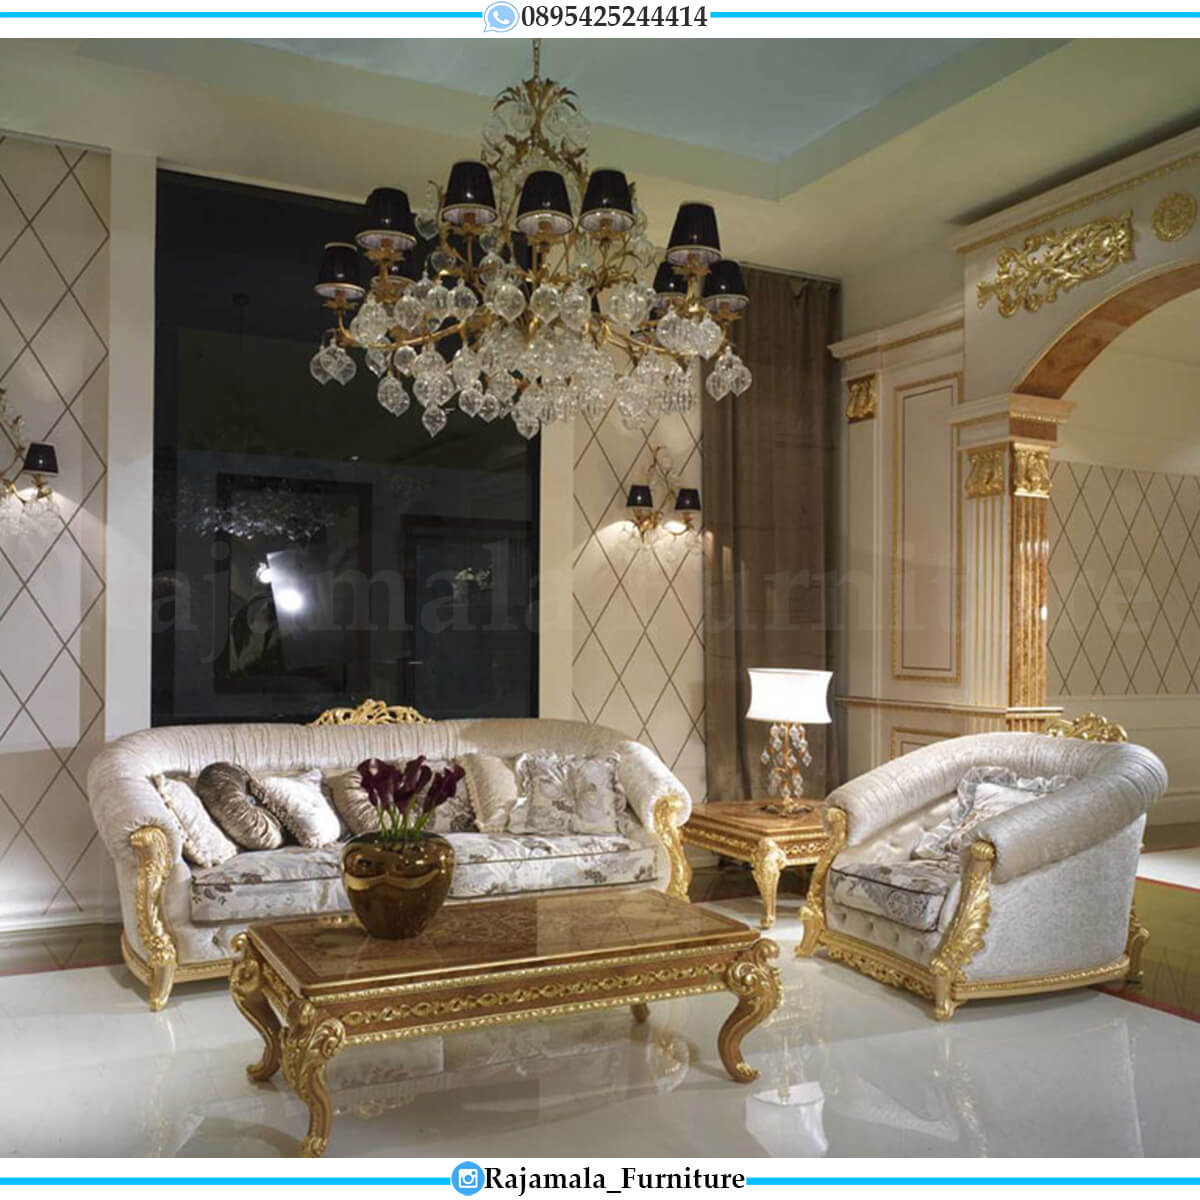 Sofa Tamu Mewah Ukir Jepara Elegant Empire Design Golden Duco RM-0741